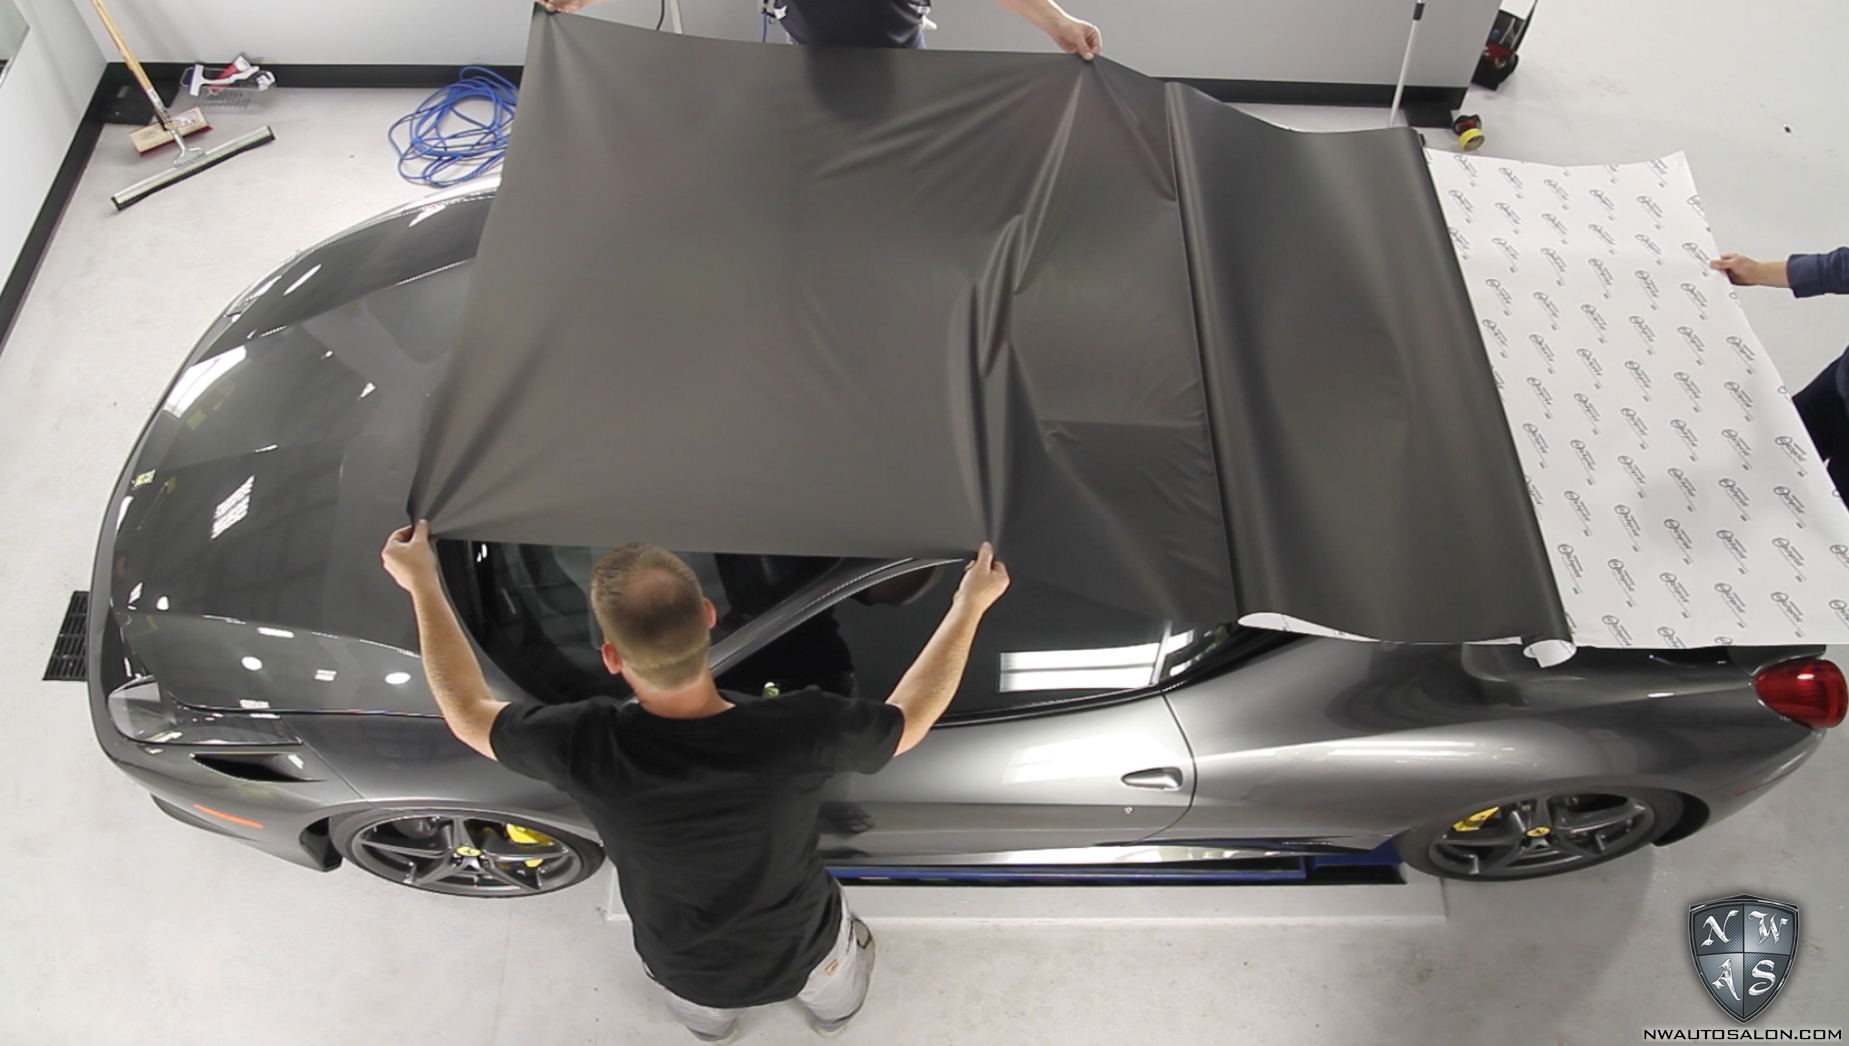 Ferrari 458 Clear Bra Paint Protection Film Video Photos Matte Black Wrap